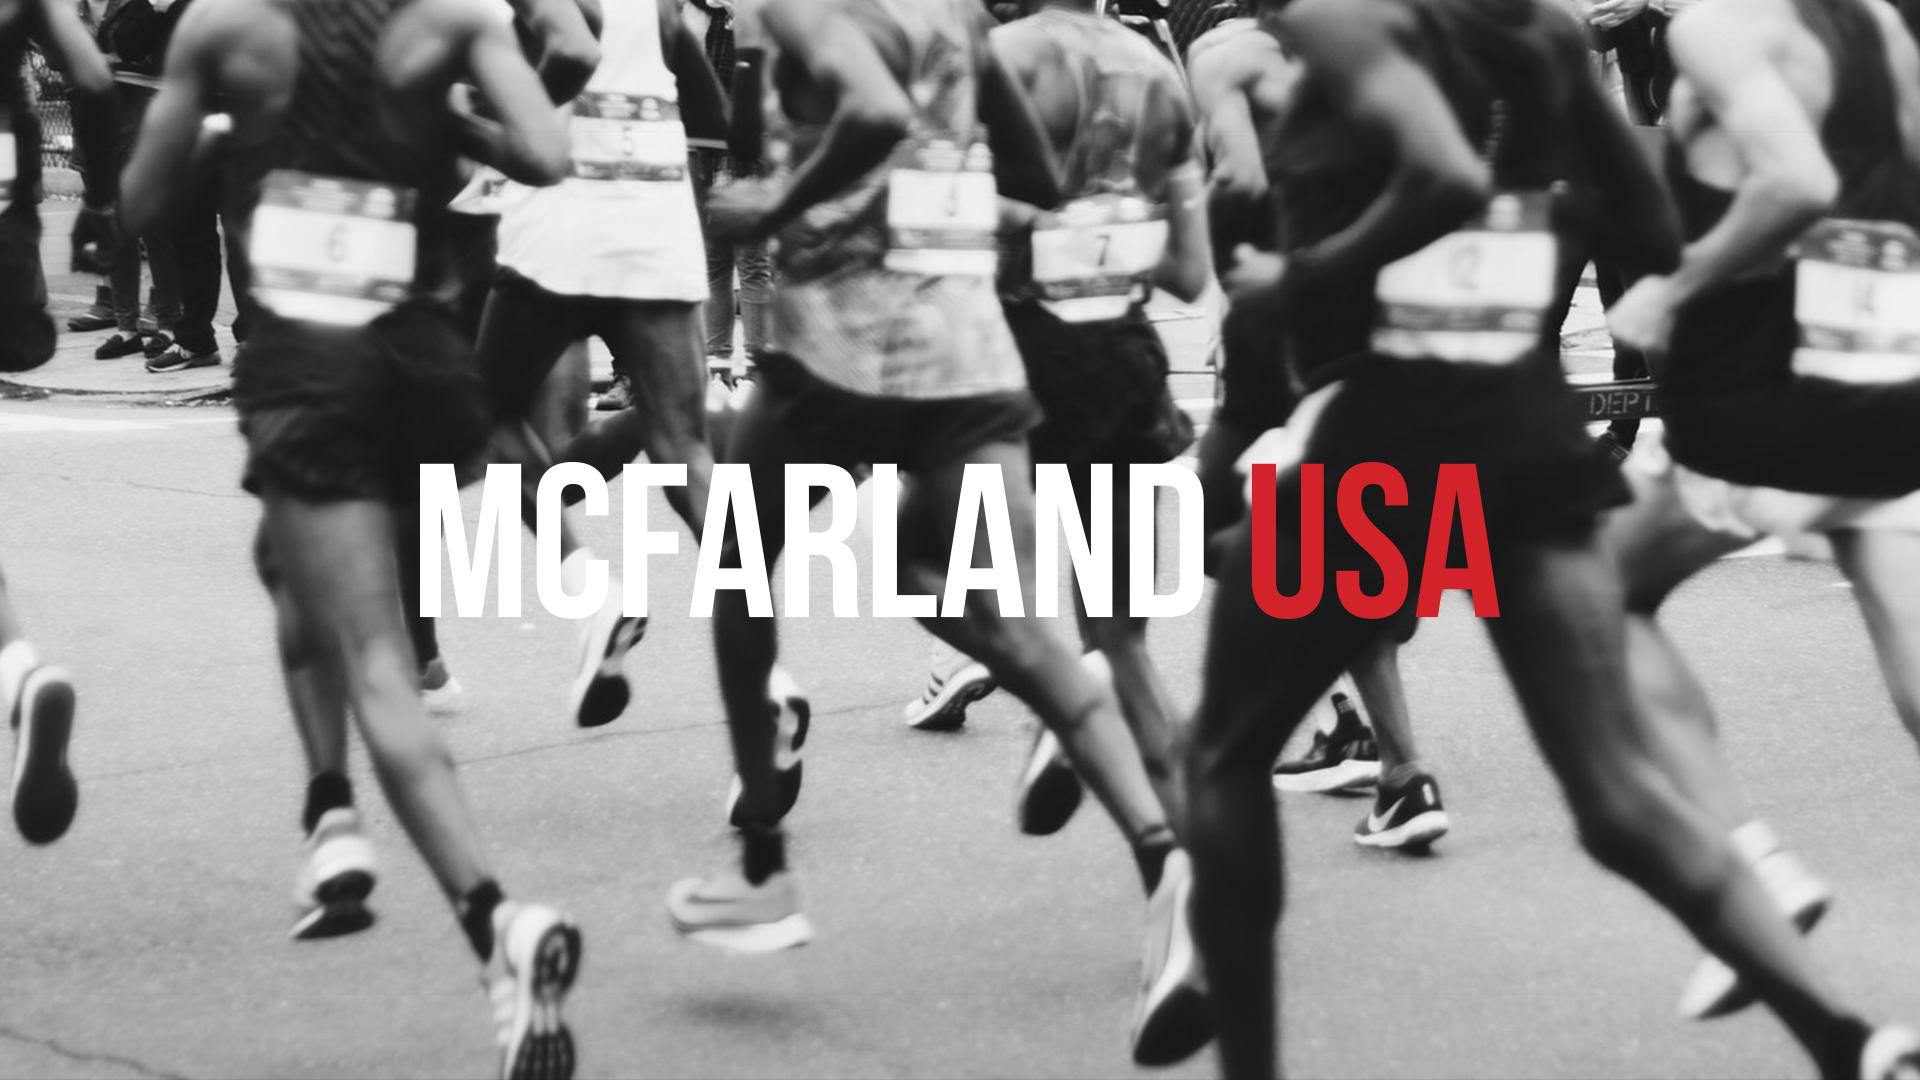 McFarland_WEB.jpg